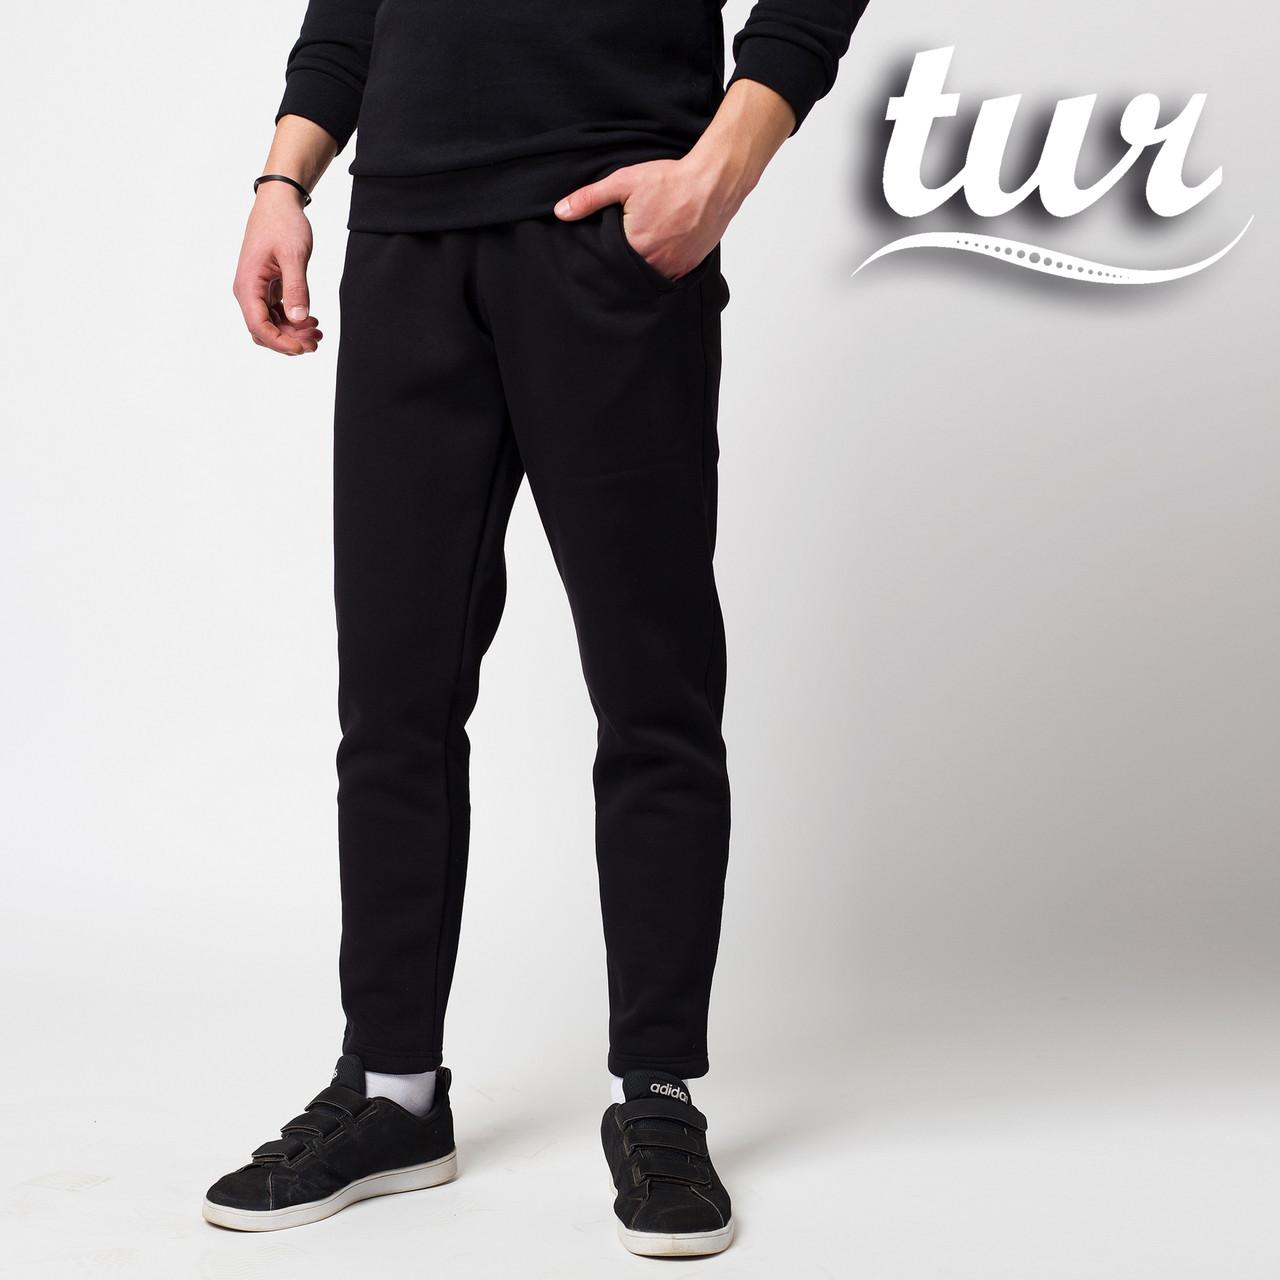 Зимние спортивные штаны мужские чёрные от бренда ТУР модель Сайракс (Cyrax) размер XS, S, M, L, XL, XXL